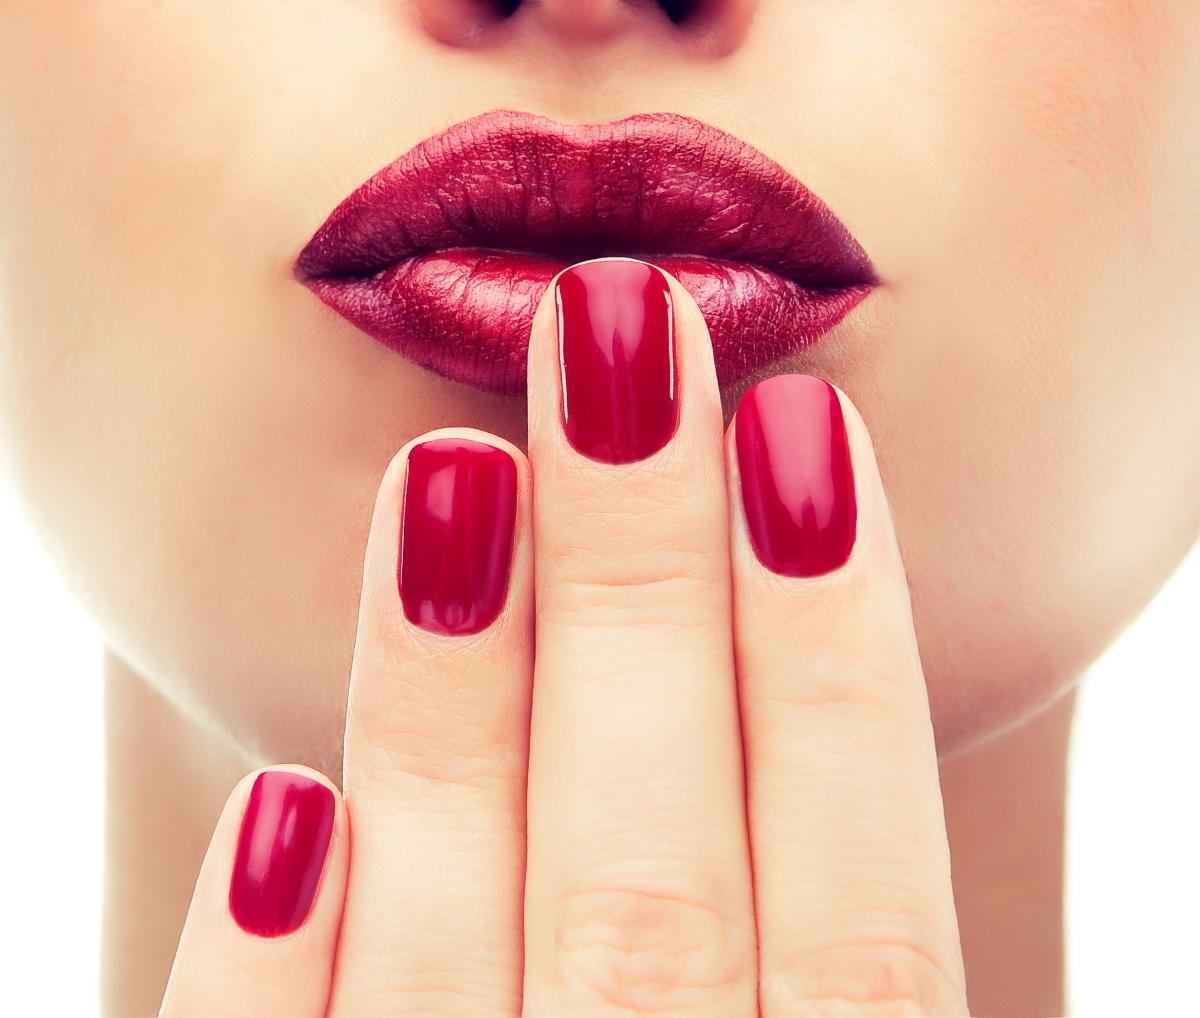 Лакът уврежда ноктите: мит. Ако маникюристът ви използва качествени материали и още повече: добра основа, това може да има положителен ефект и да ги заздрави.